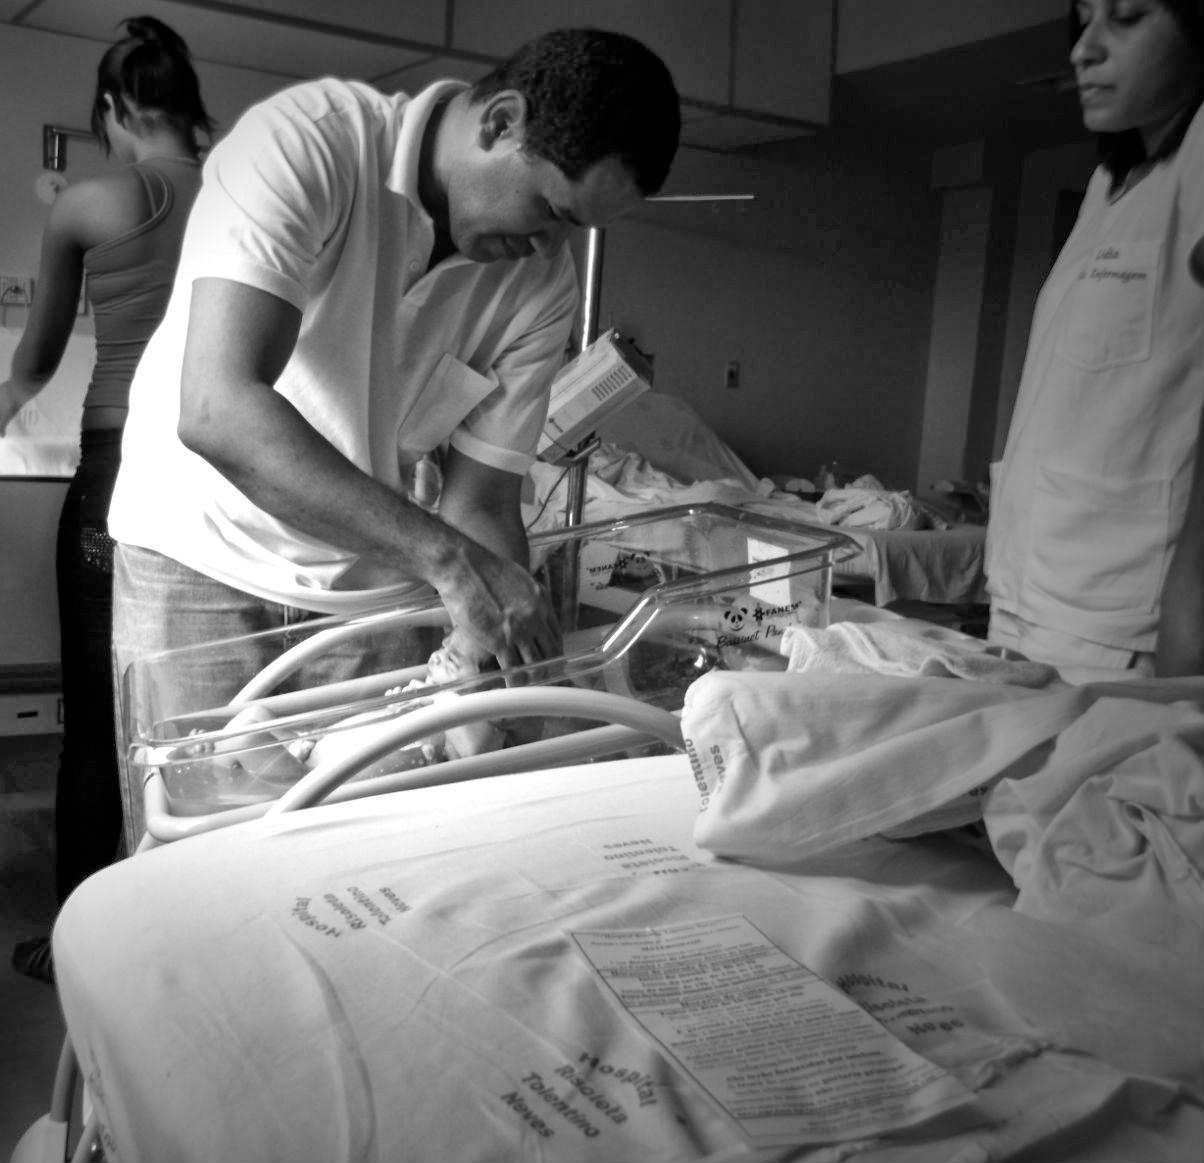 Cuidados com o umbigo do bebê, maternidade, umbigo do bebe, moda infantil, enxoval de bebe, papai, paternidade